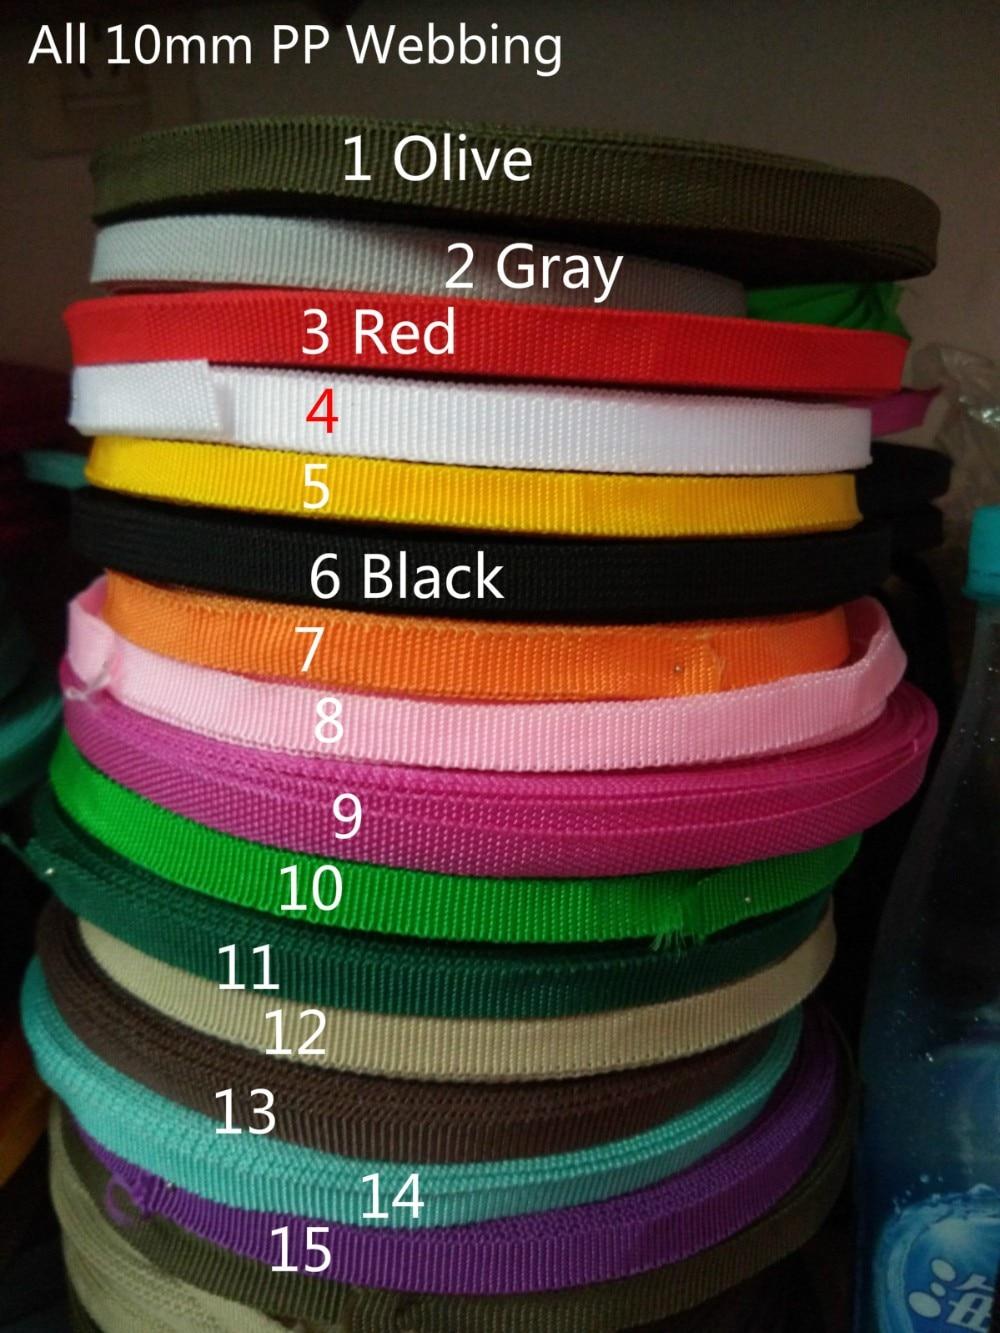 50 Meter 10mm 3 8 Lebar Anyaman Polyester Ribbon Tape Untuk Tas Pakaian Rumah Tekstil 15 Warna Polyester Webbing Tape Webbing Tapepolyester Webbing Aliexpress